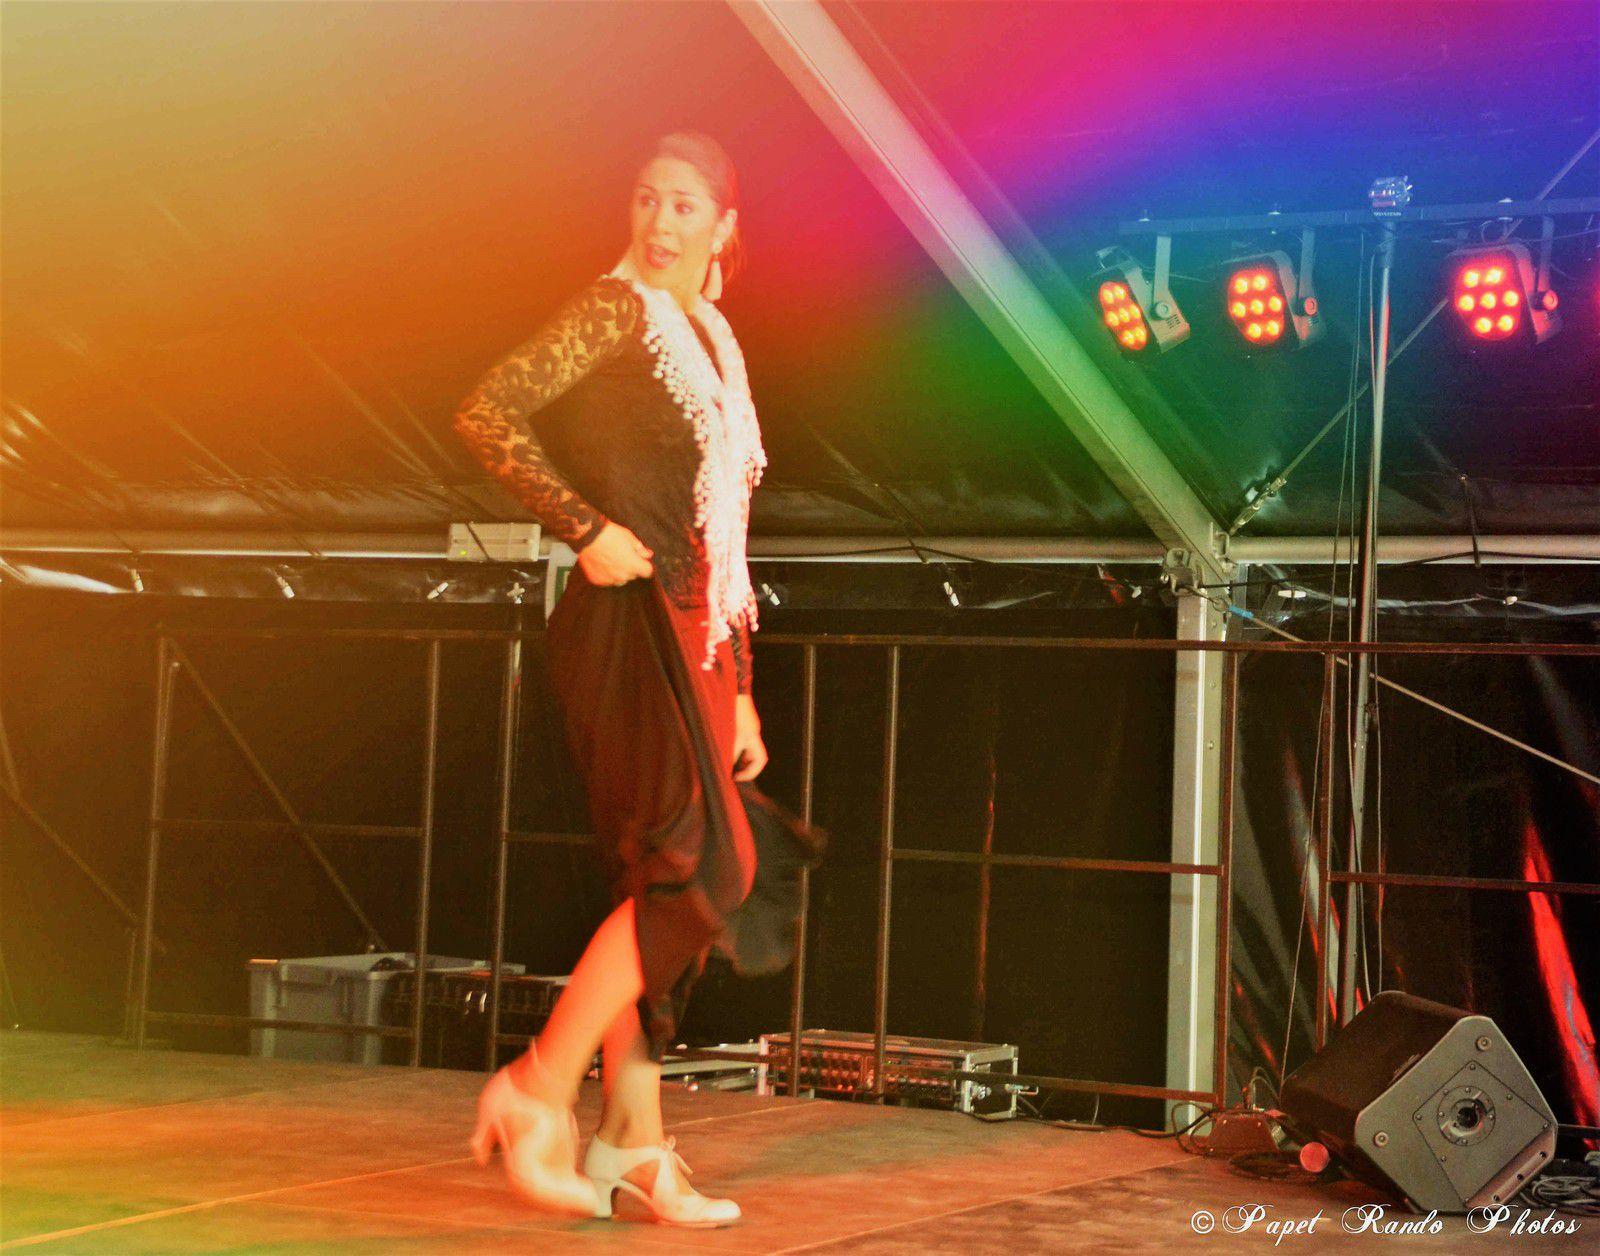 Magdalena de Asti, ( photos sur plusieurs années de 2014 a 2020) toujours souriante, toujours au TOP de son Art le Flamenco, entourée d'une bonne equipe de danseuses Sympa , juste un vrai plaisir pour le photographe Amateur que je suis  MERCI